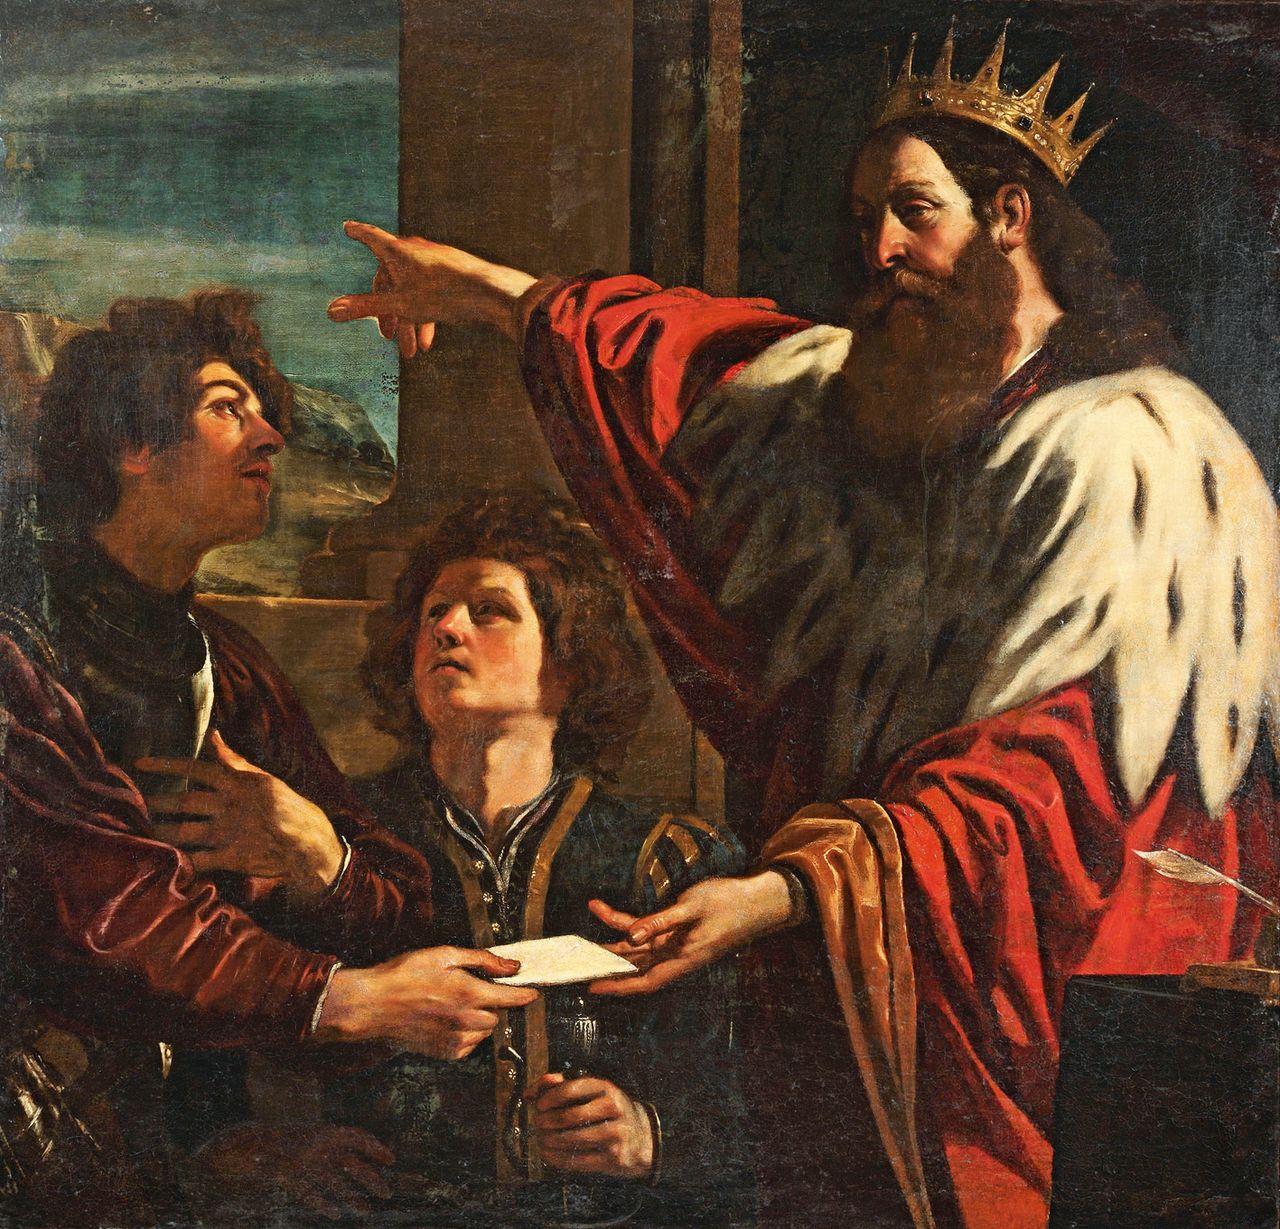 993 B.C. DAVID AND URIAH In the morning David wrote a